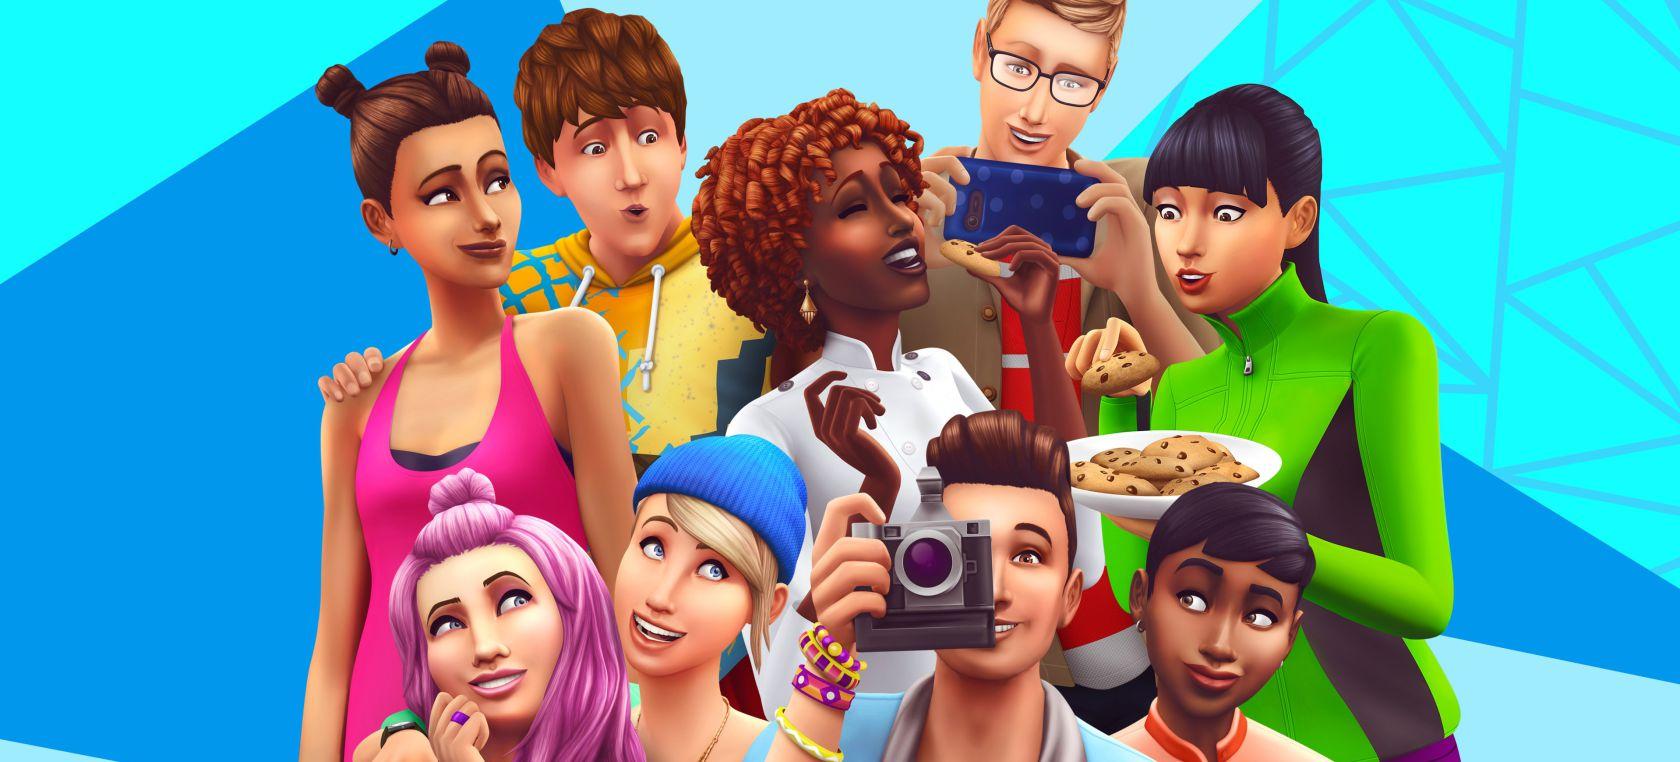 21 Regalos Por Los 21 Años De Los Sims Videojuegos Los40